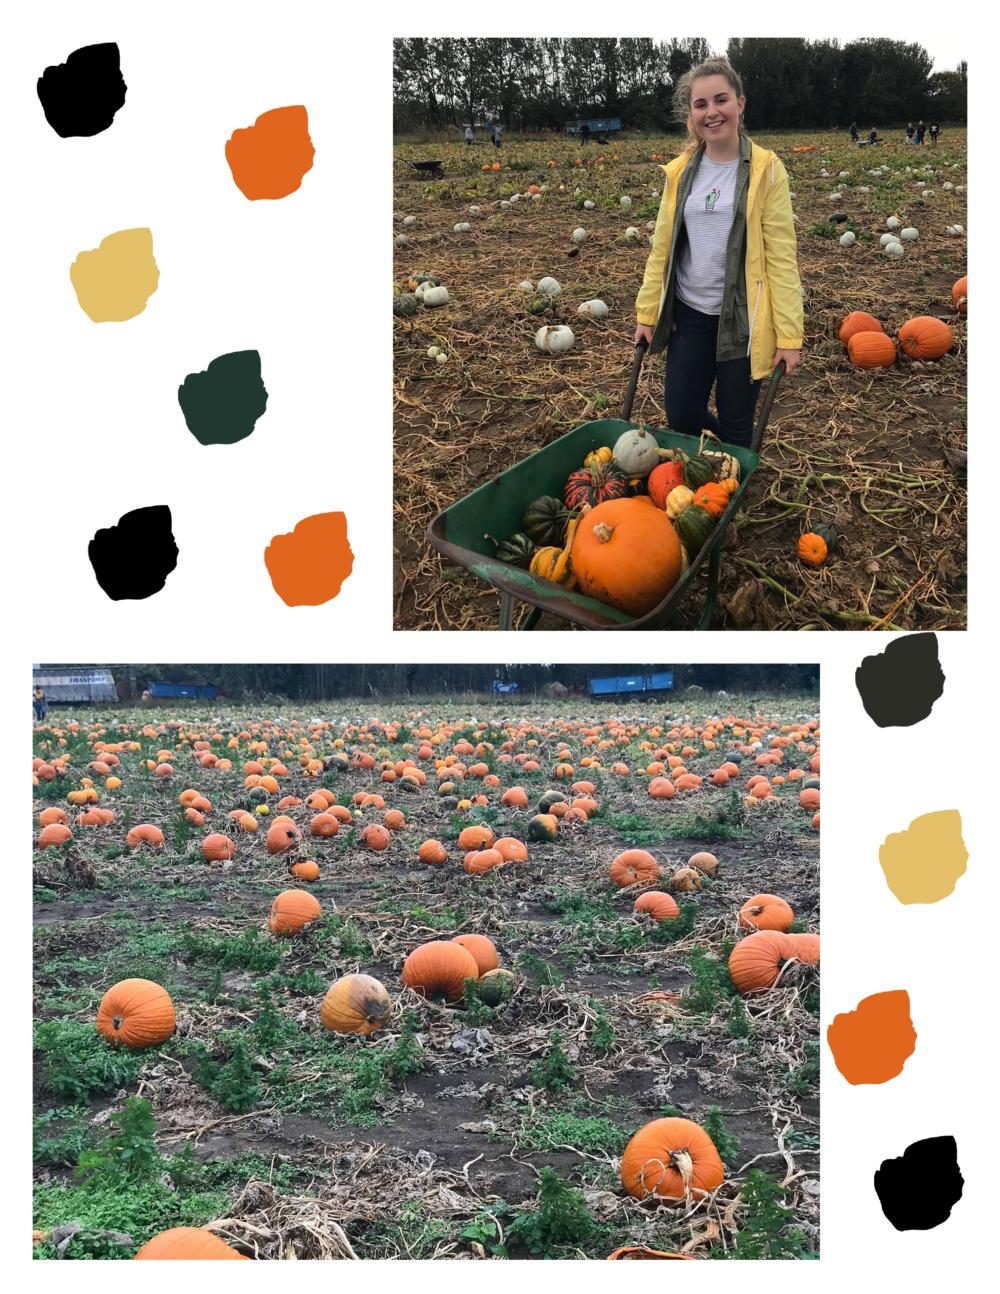 Pumpkin patch & wheelbarrow.png